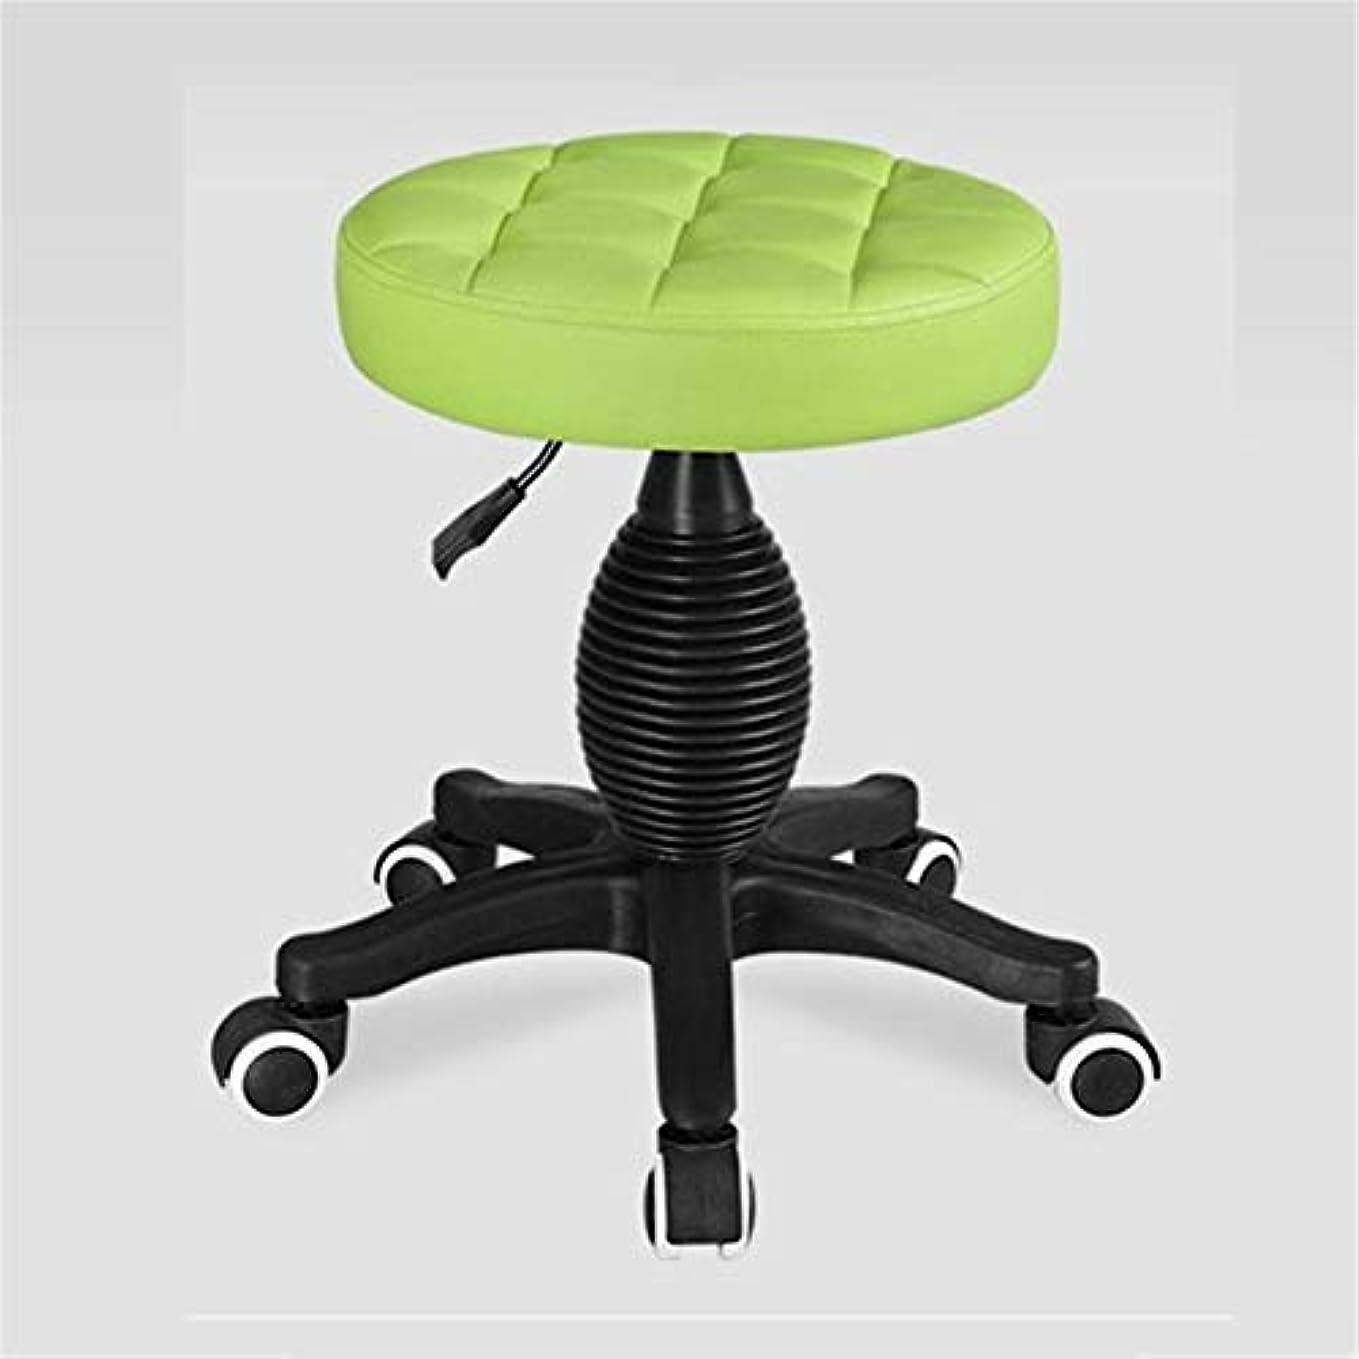 典型的な壊す議題大広間の椅子円形PUの革油圧上昇の調節の回転理髪店の椅子の鉱泉の大広間の設定の椅子5つの車輪の事務作業の椅子,Green,B